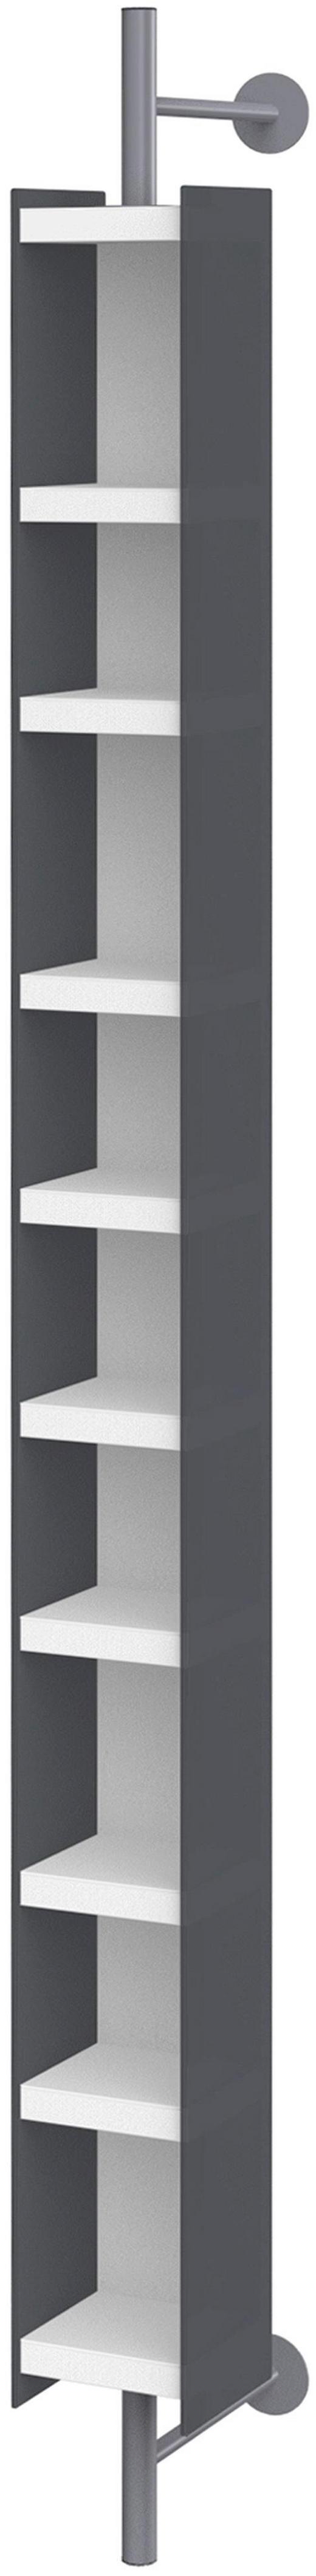 DVD-REGAL Graphitfarben, Weiß - Graphitfarben/Weiß, Design, Glas/Holzwerkstoff (15,6/213,6/34,7cm) - Xora